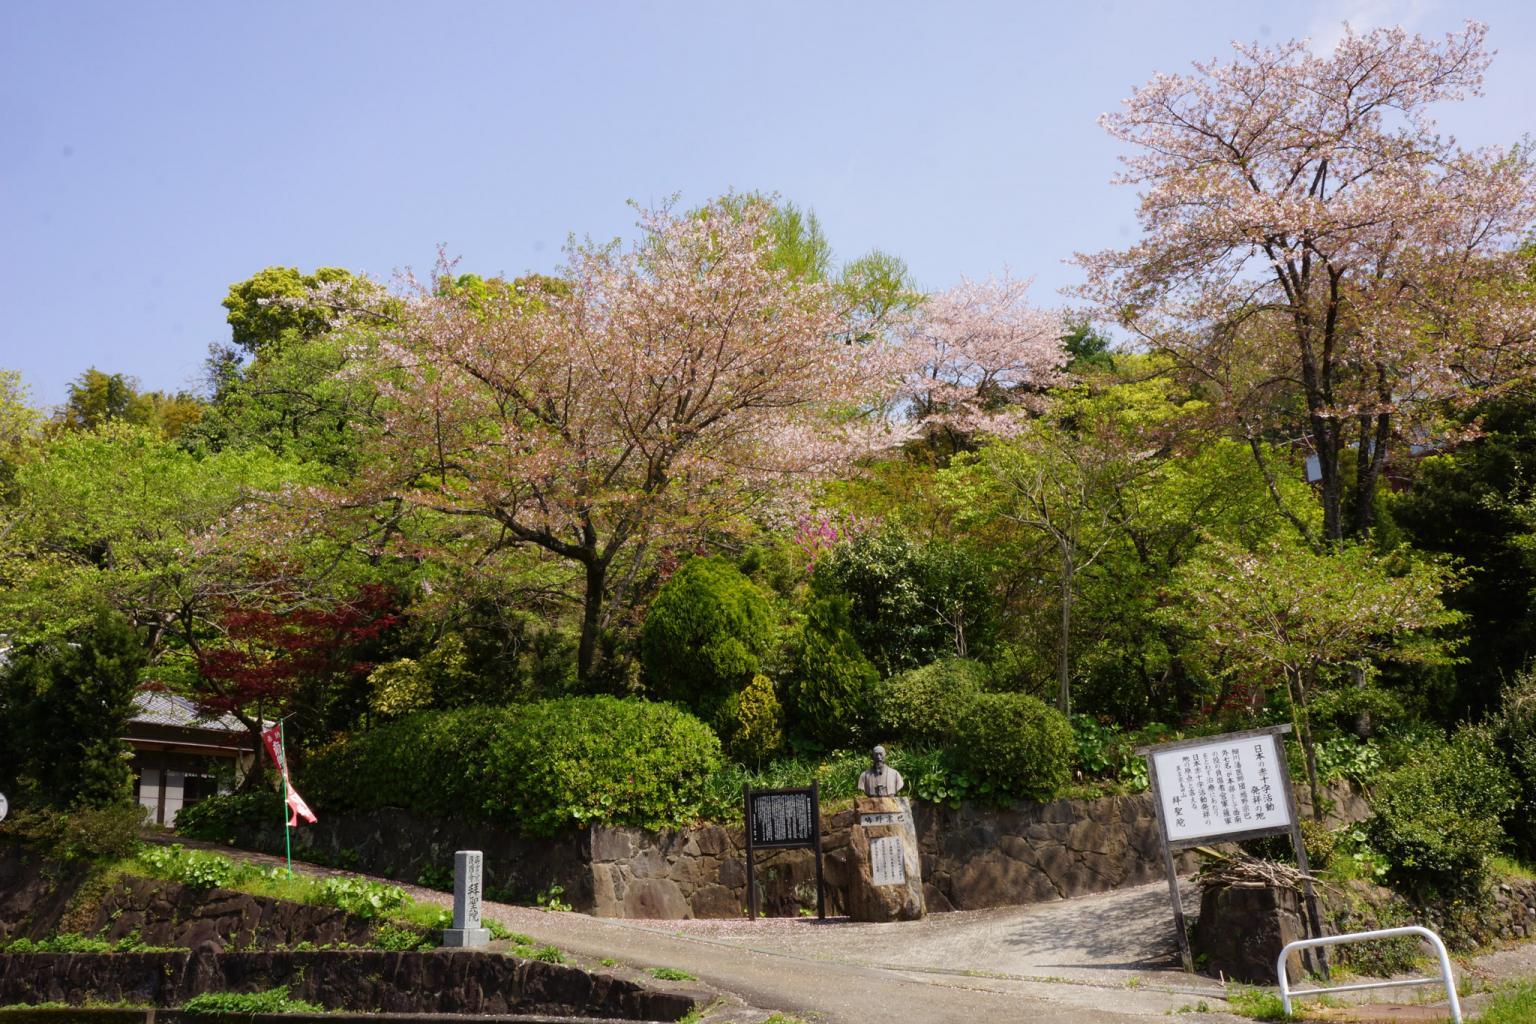 拝聖院 | 観光地 | 熊本市観光ガイド